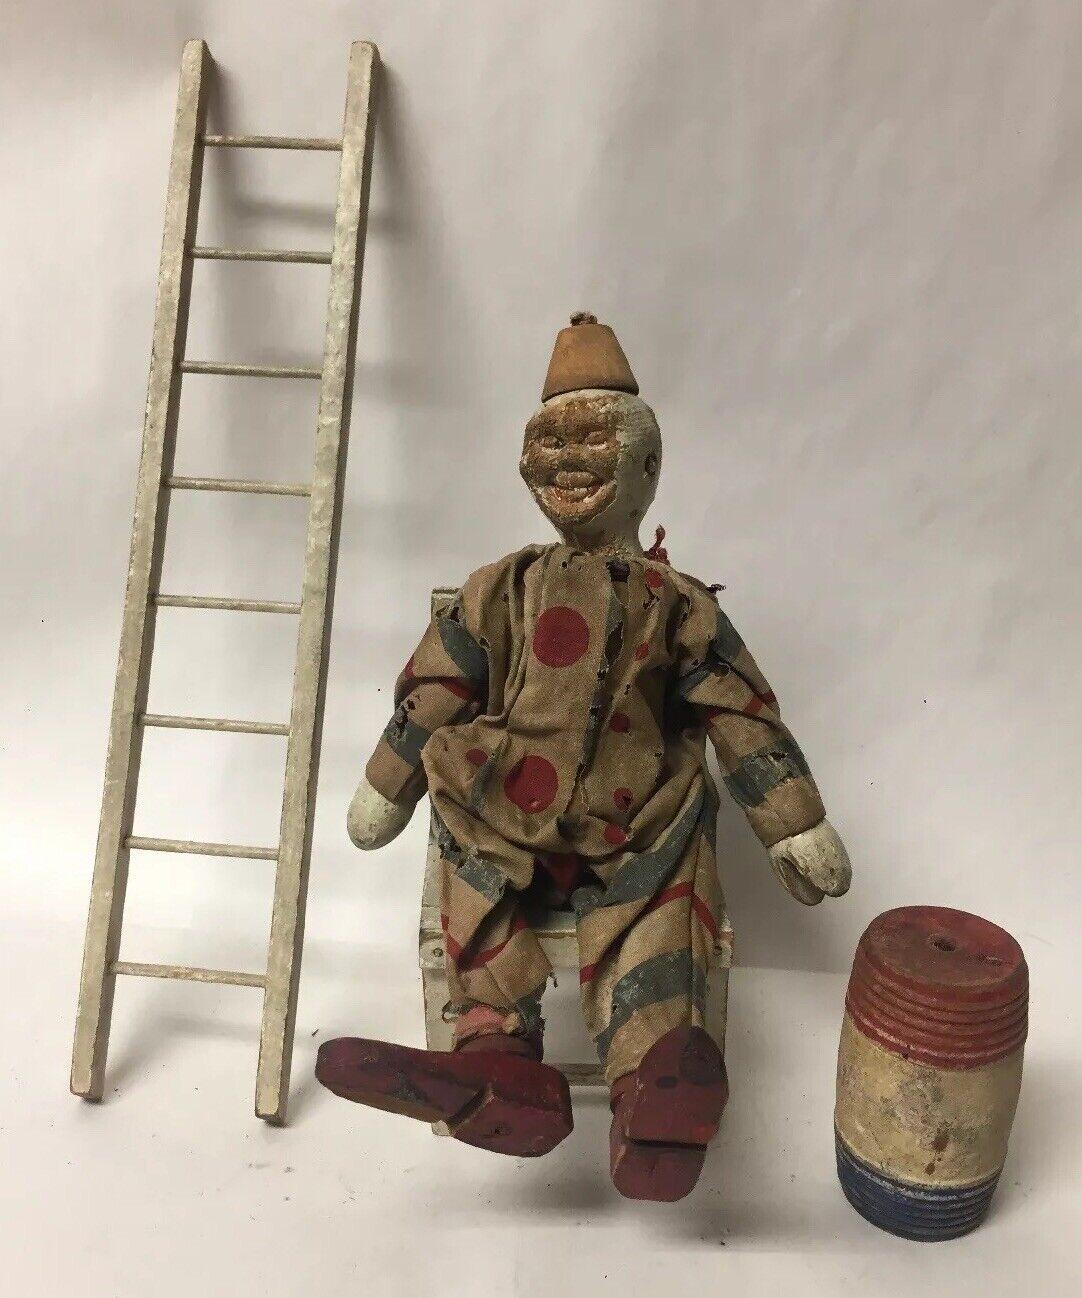 Antiguo Schoenhut Humpty Dumpty Circo Payaso escalera silla de barril